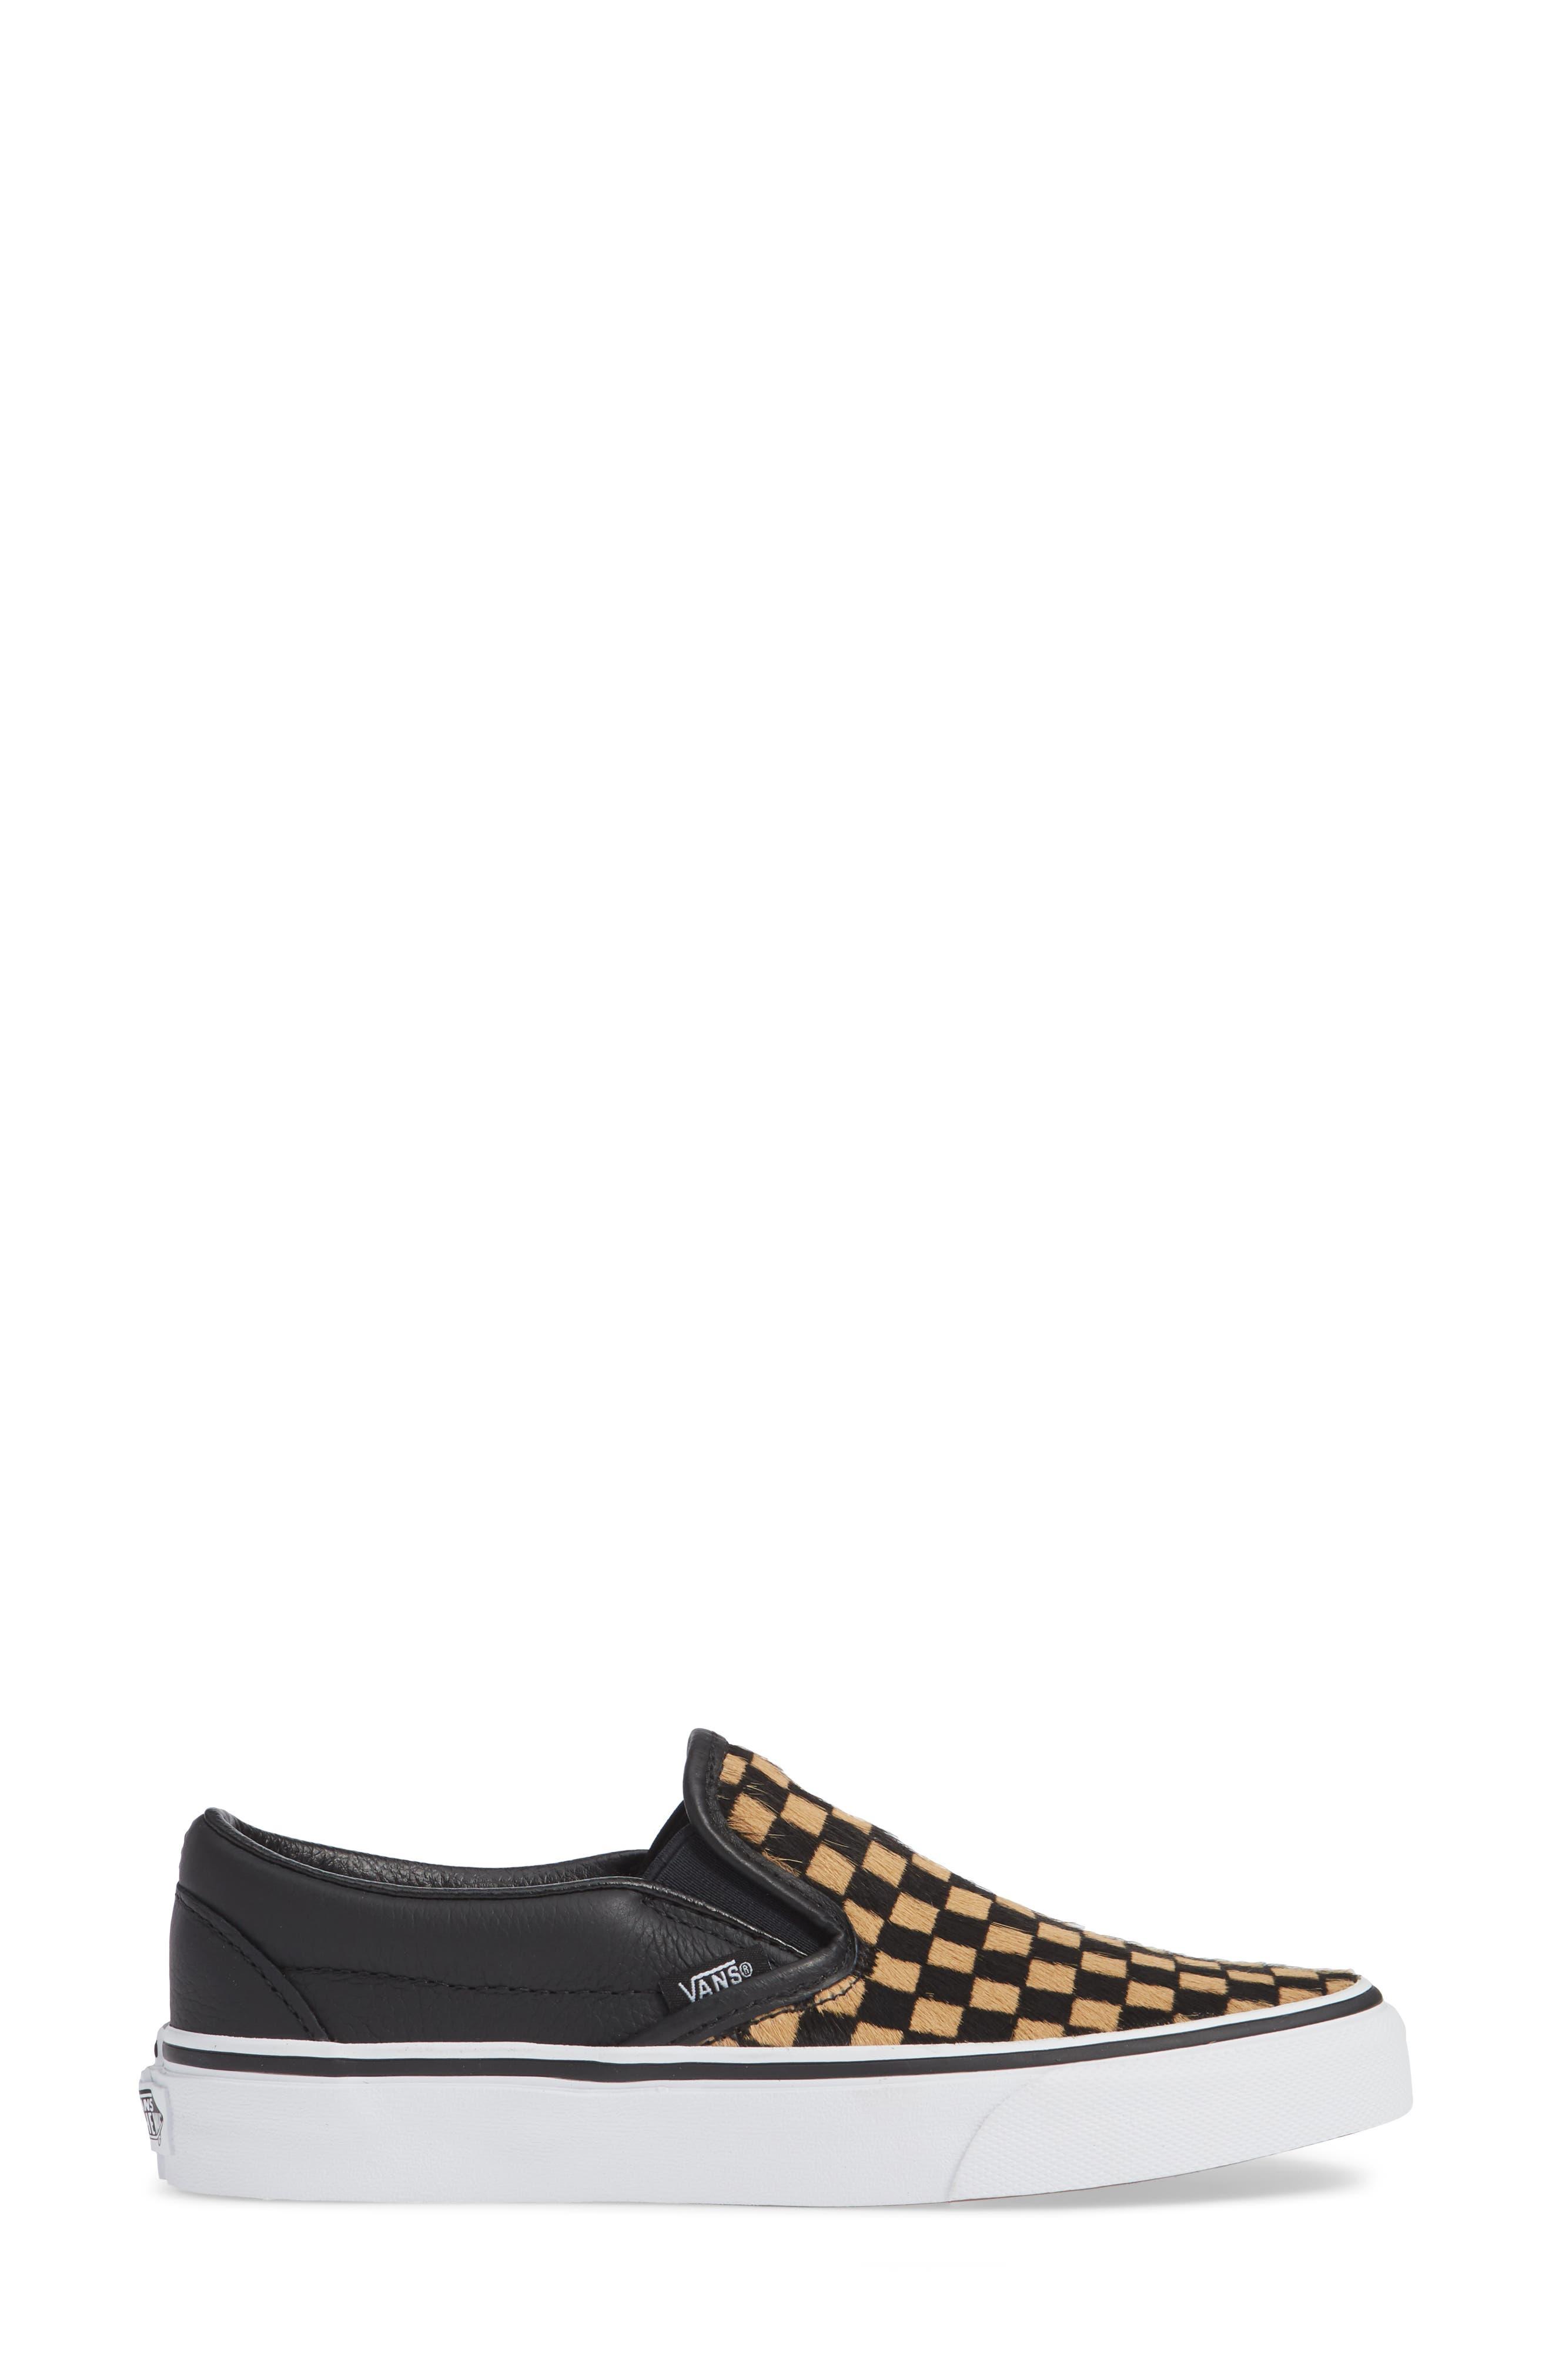 VANS,                             UA Classic Genuine Calf Hair Slip-On Sneaker,                             Alternate thumbnail 3, color,                             001